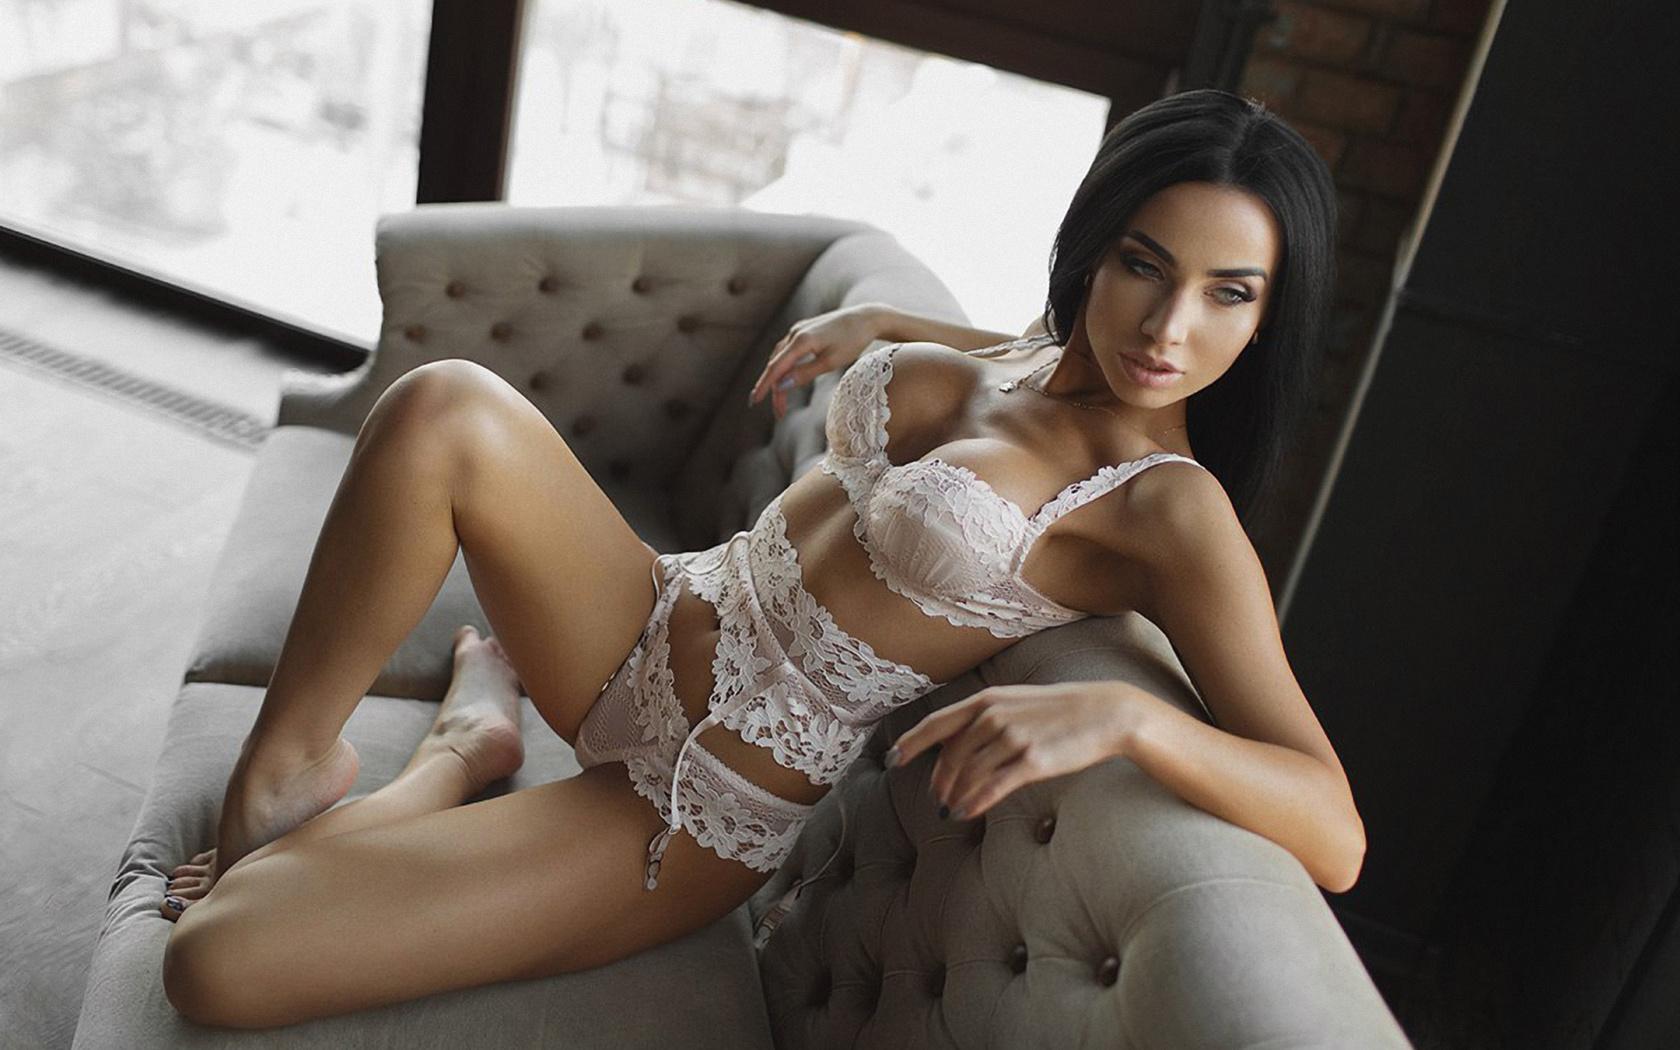 Фото в эротичном нижним белье, Голые девицы в прозрачном эро бельесекси фото 1 фотография